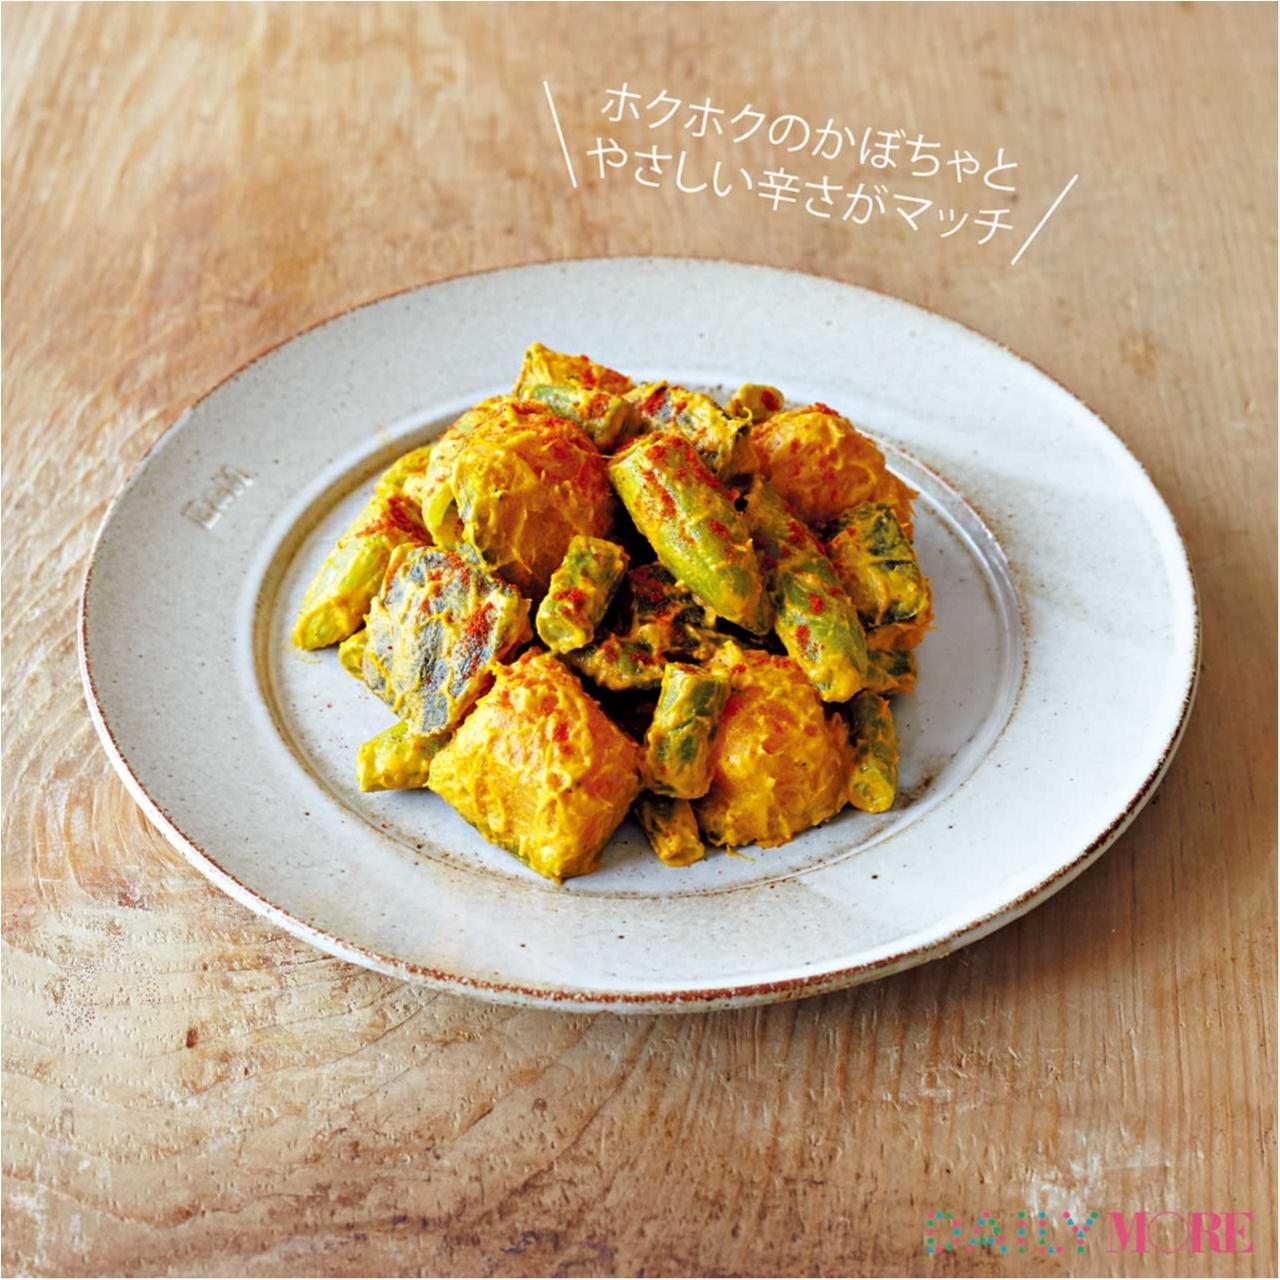 簡単! お弁当の作り置きおかずレシピ特集 - お弁当箱につめるだけの常備菜レシピまとめ_44